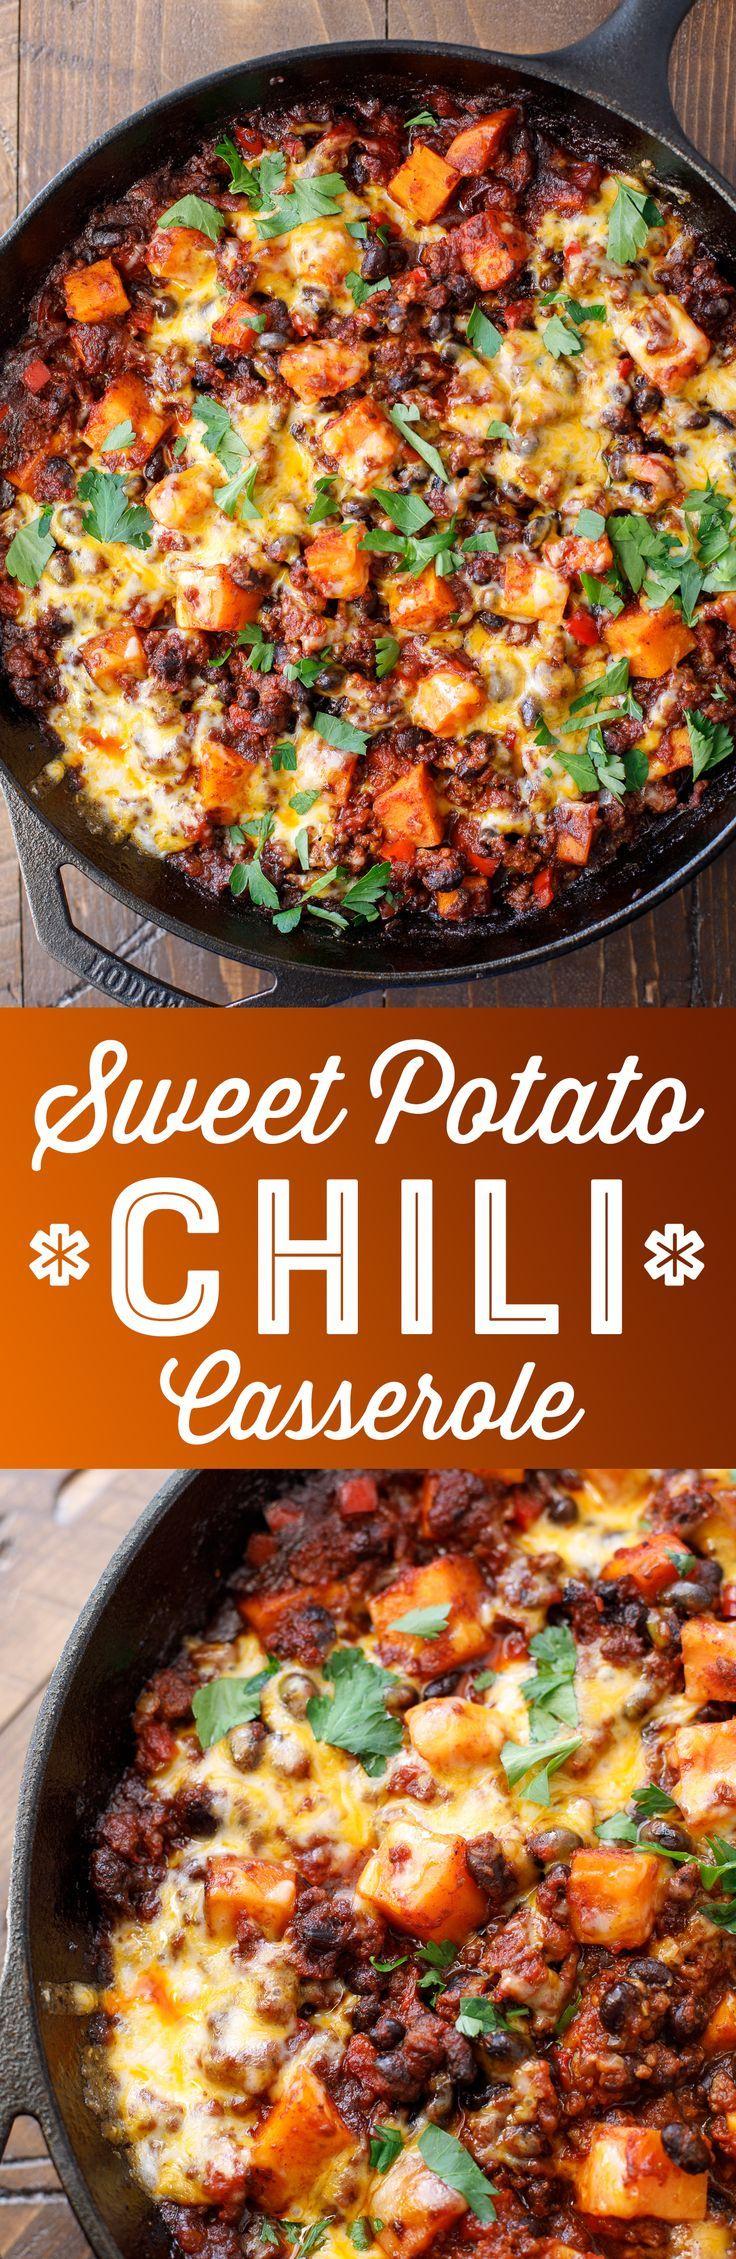 Sweet Potato Chili Casserole Recipe - Easy Skillet Chili - Sweet Potato Chili with Ground Beef #casserole #chili